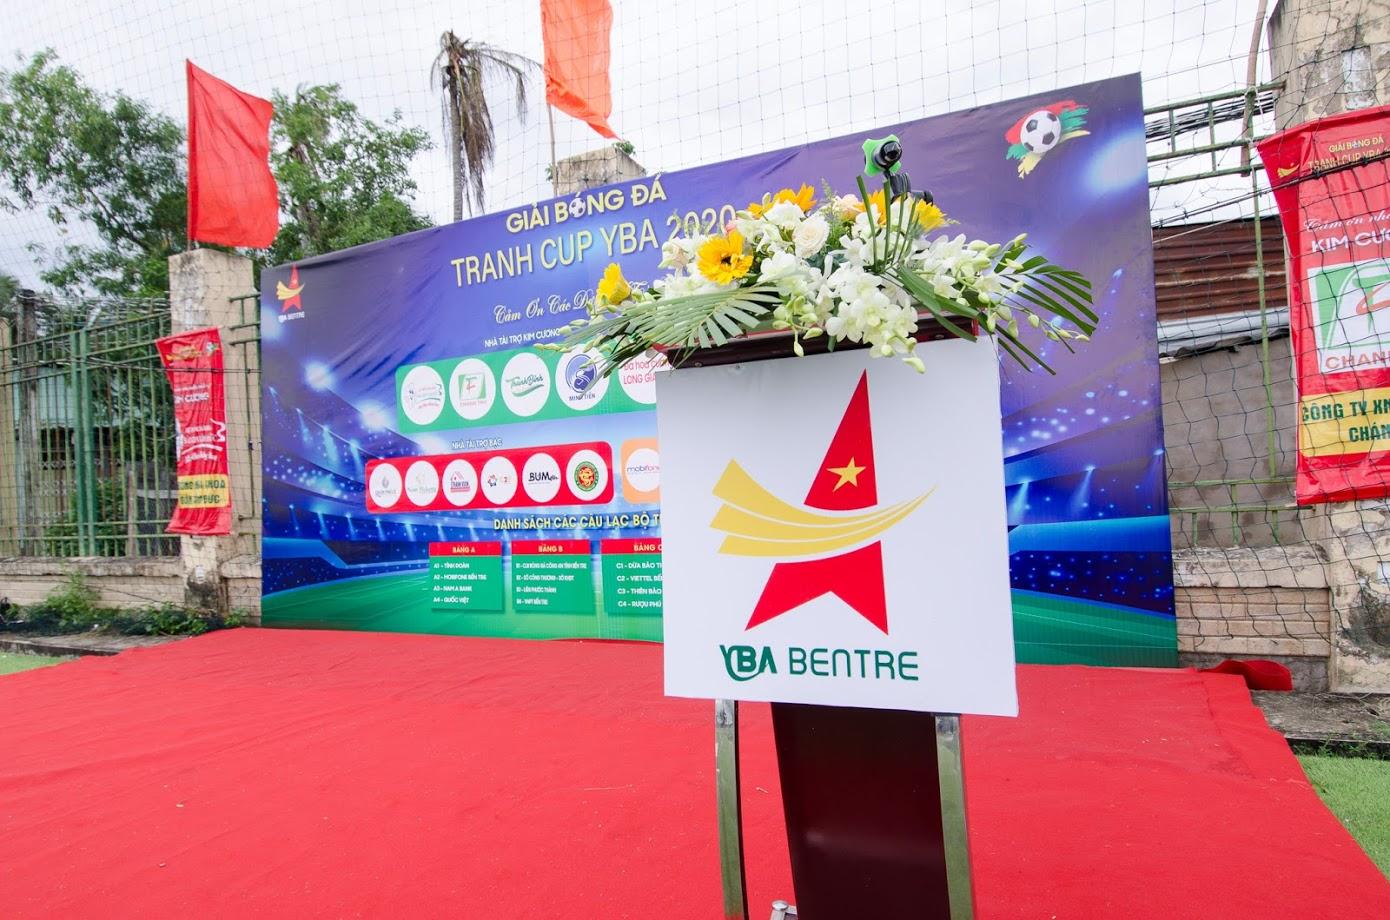 Tổ chức sự kiện Bến Tre – Giải bóng đá YBA CUP 2020